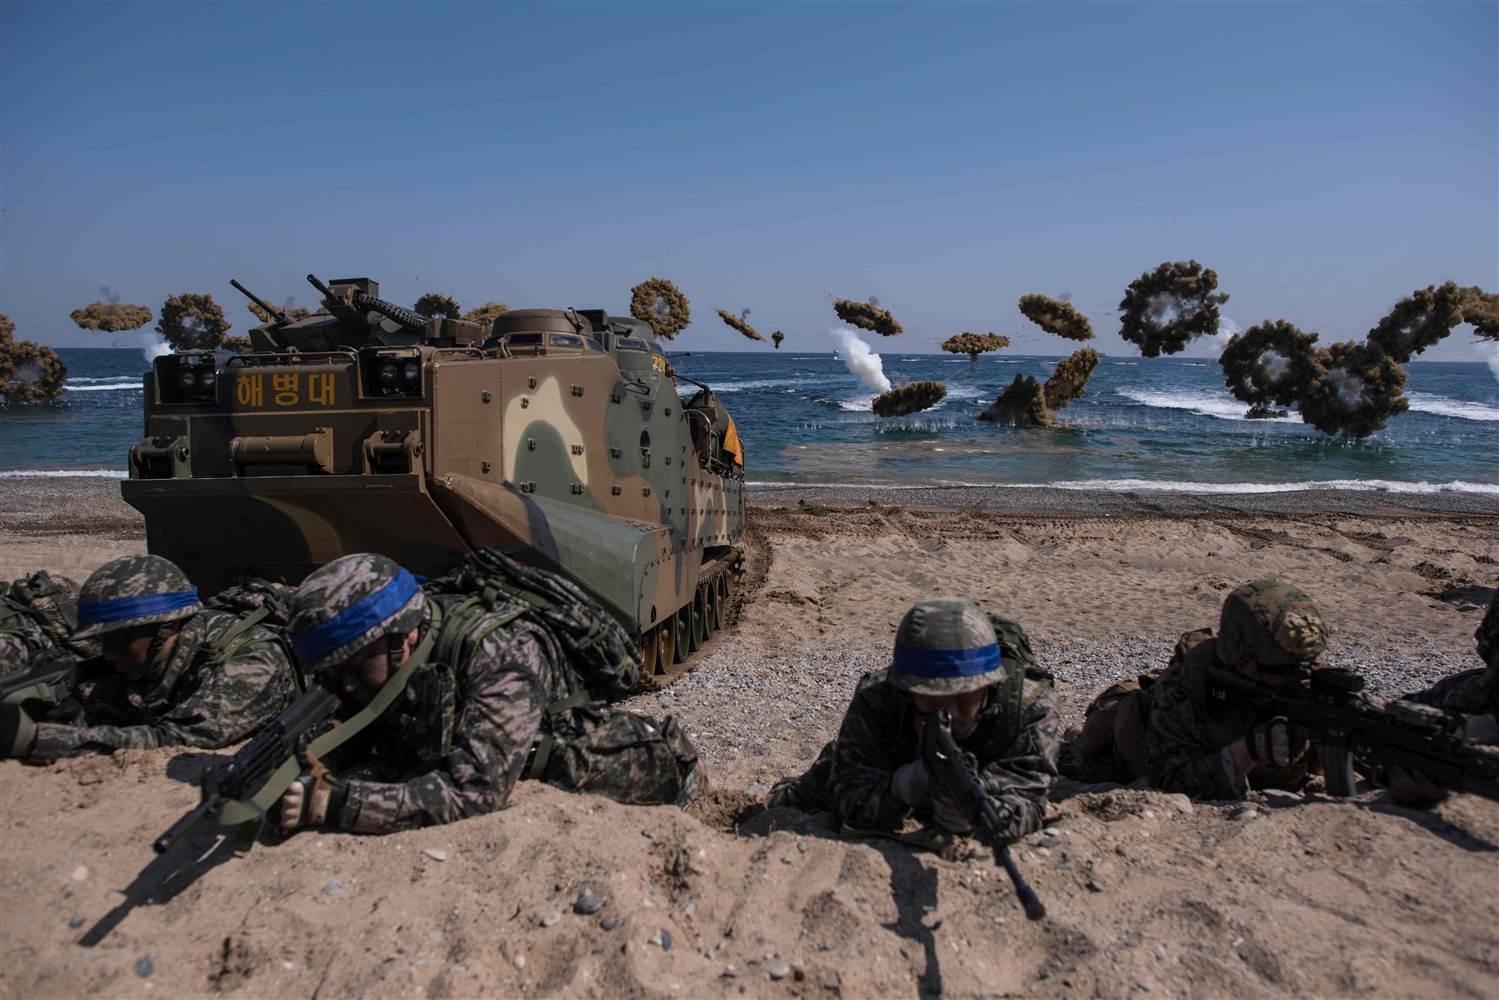 Quân đội Hàn Quốc và Mỹ tập trận chung tại Pohang hồi tháng 3/2016 (Ảnh: AFP)